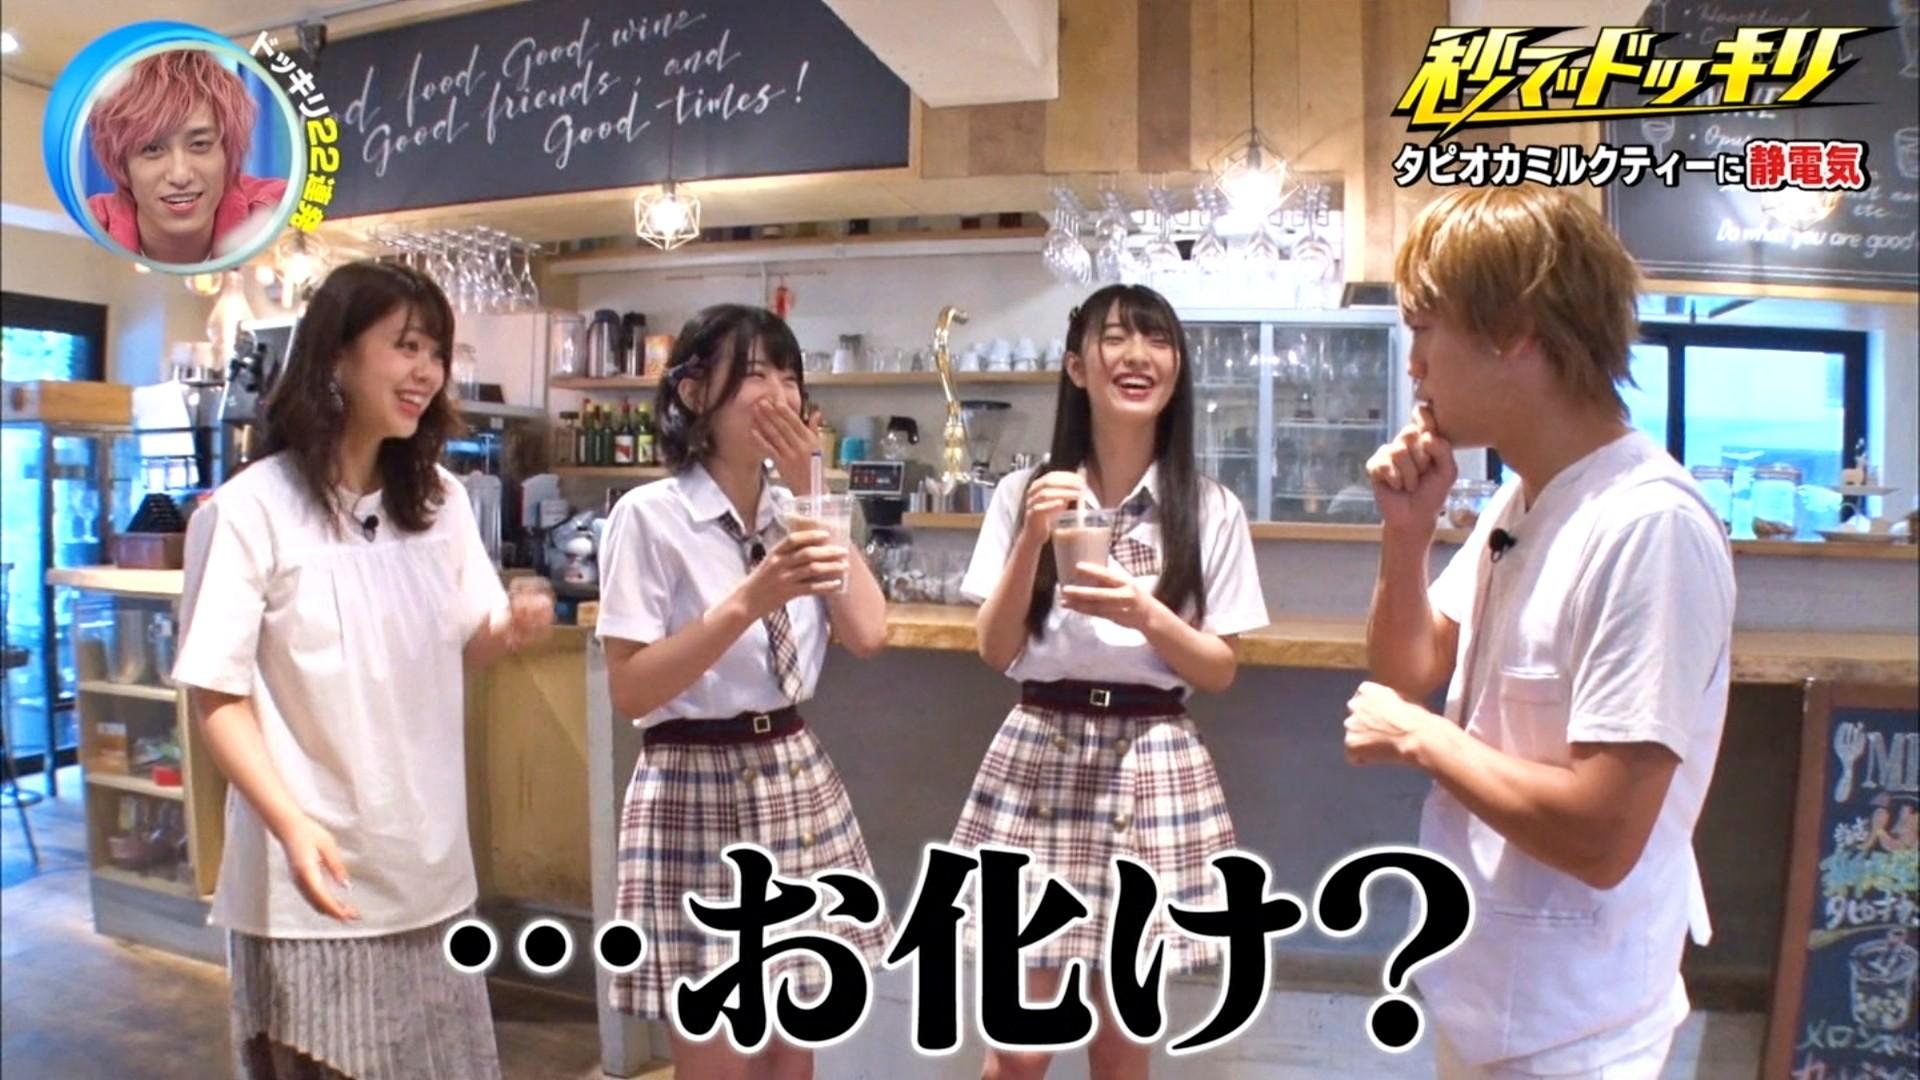 2019年11月30日にフジテレビ系列でほうそうされた「芸能人が本気で考えた!ドッキリGP」に出演したNMB48上西怜・大田莉央奈の画像-016